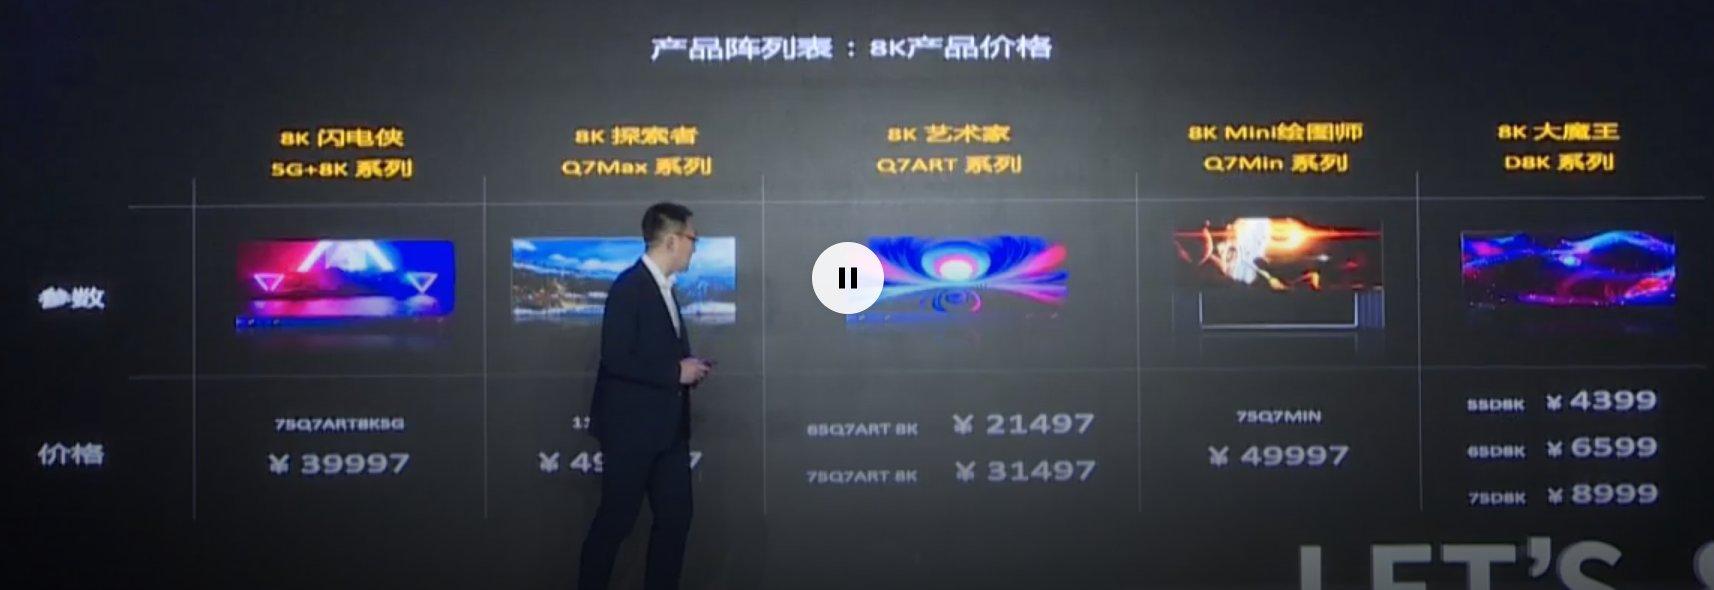 长虹5G+8K全球发布会召开 长虹发布五大系列8K电视